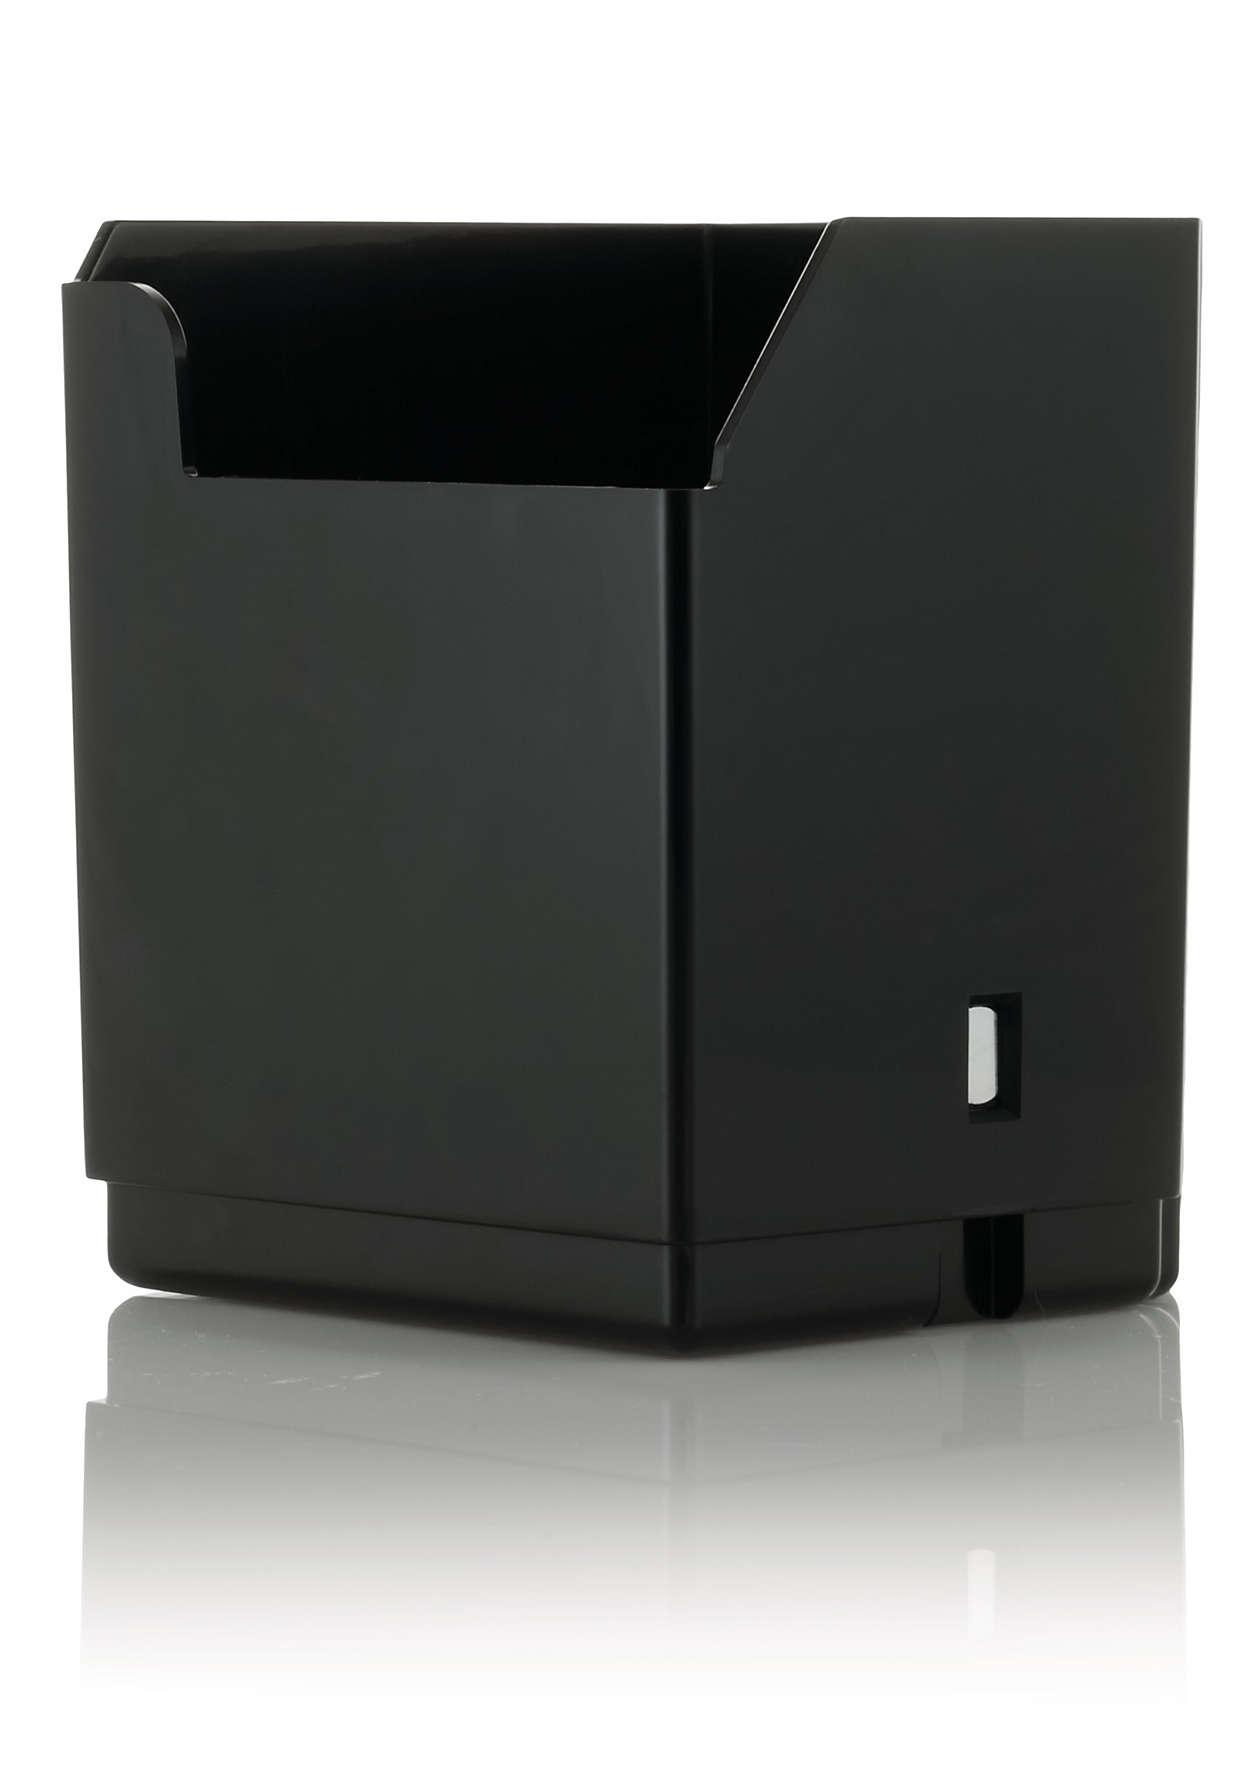 Compartimento de desecho para el café molido